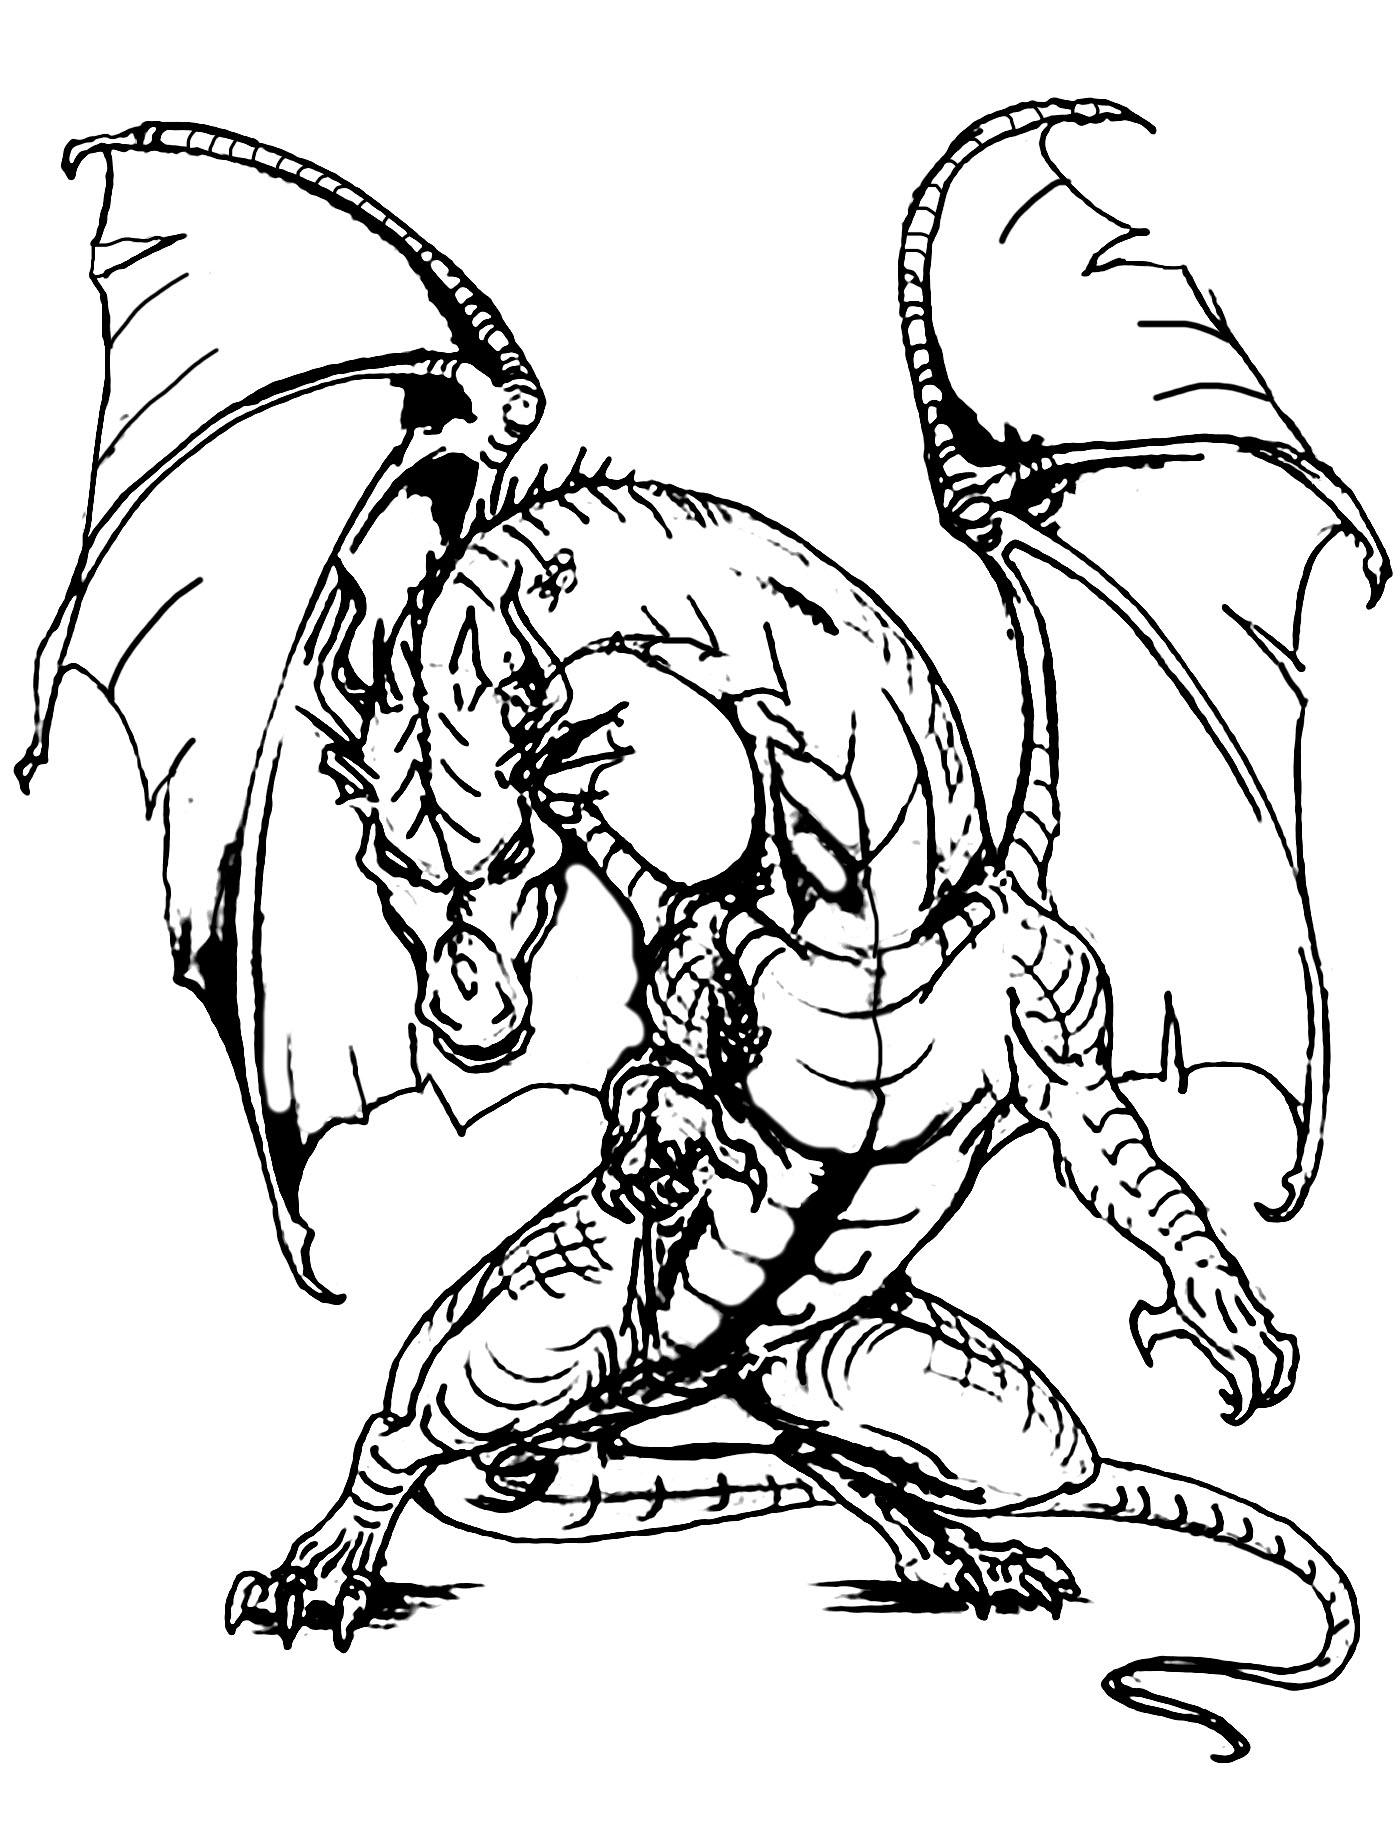 Colorear para adultos : Dragones - 5